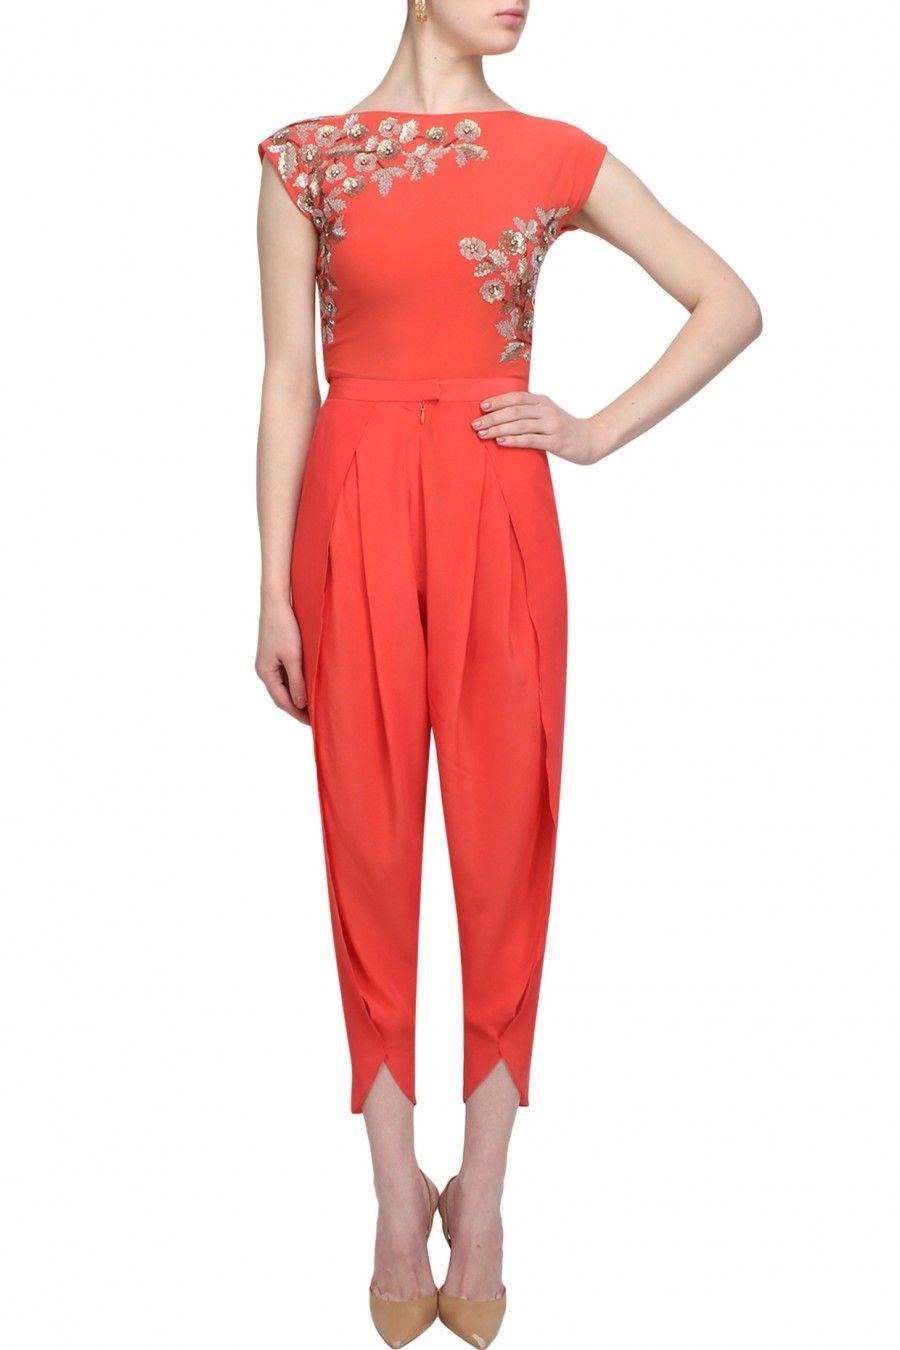 #perniaspopupshop #namratajoshipura #clothing #shopnow #happyshopping